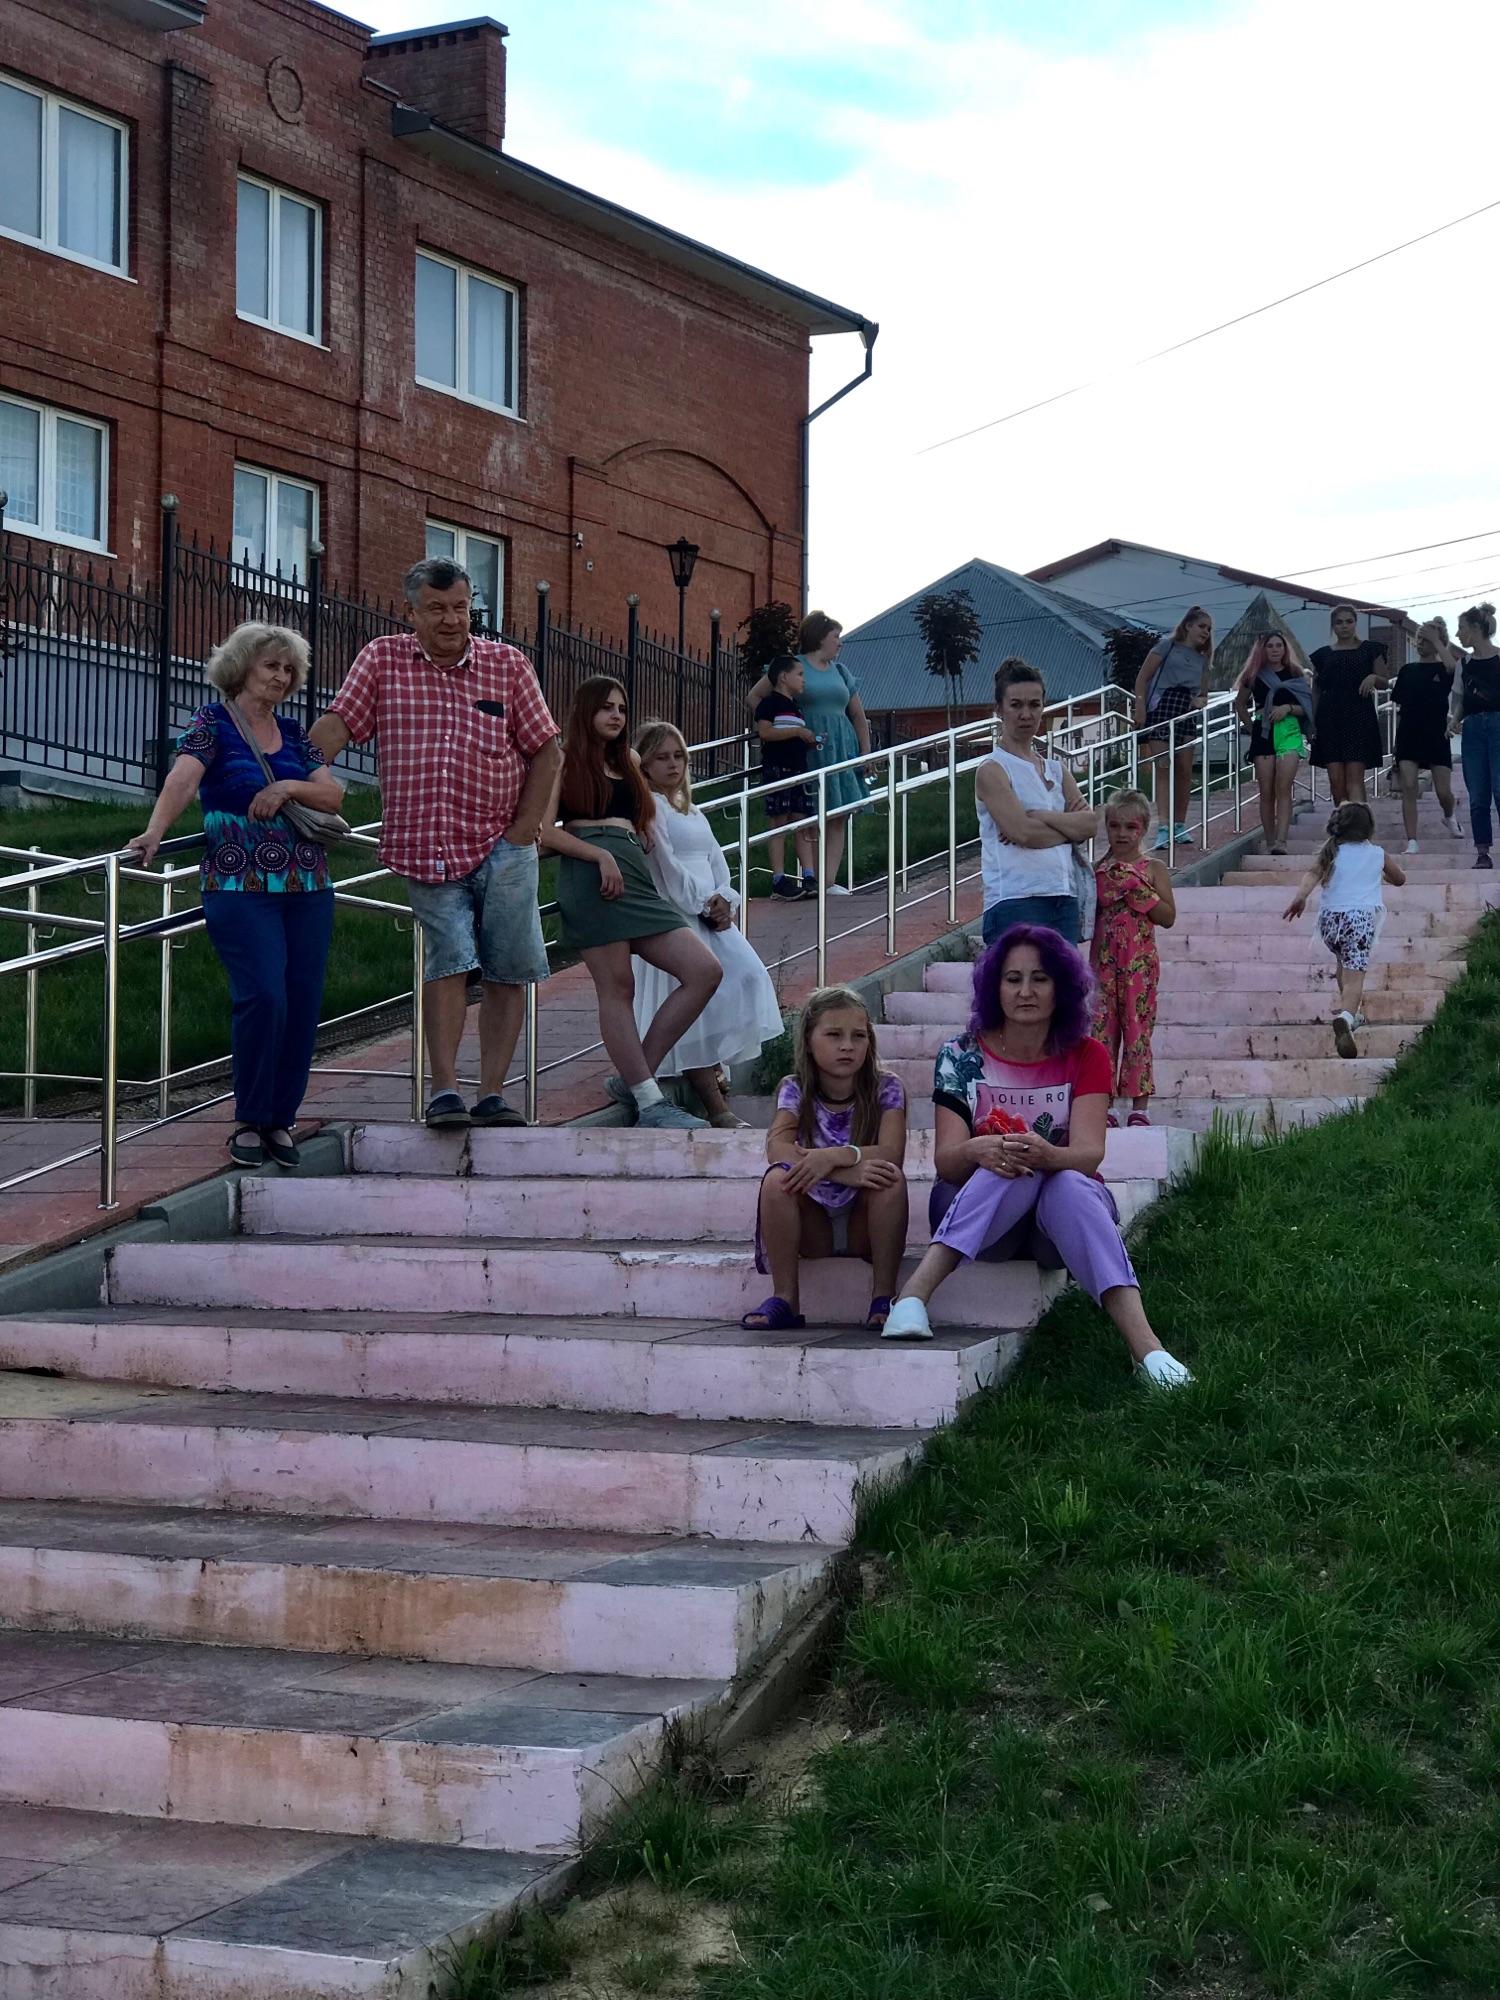 Мест на скамейках не хватало, люди сидели на ступеньках и слушали.